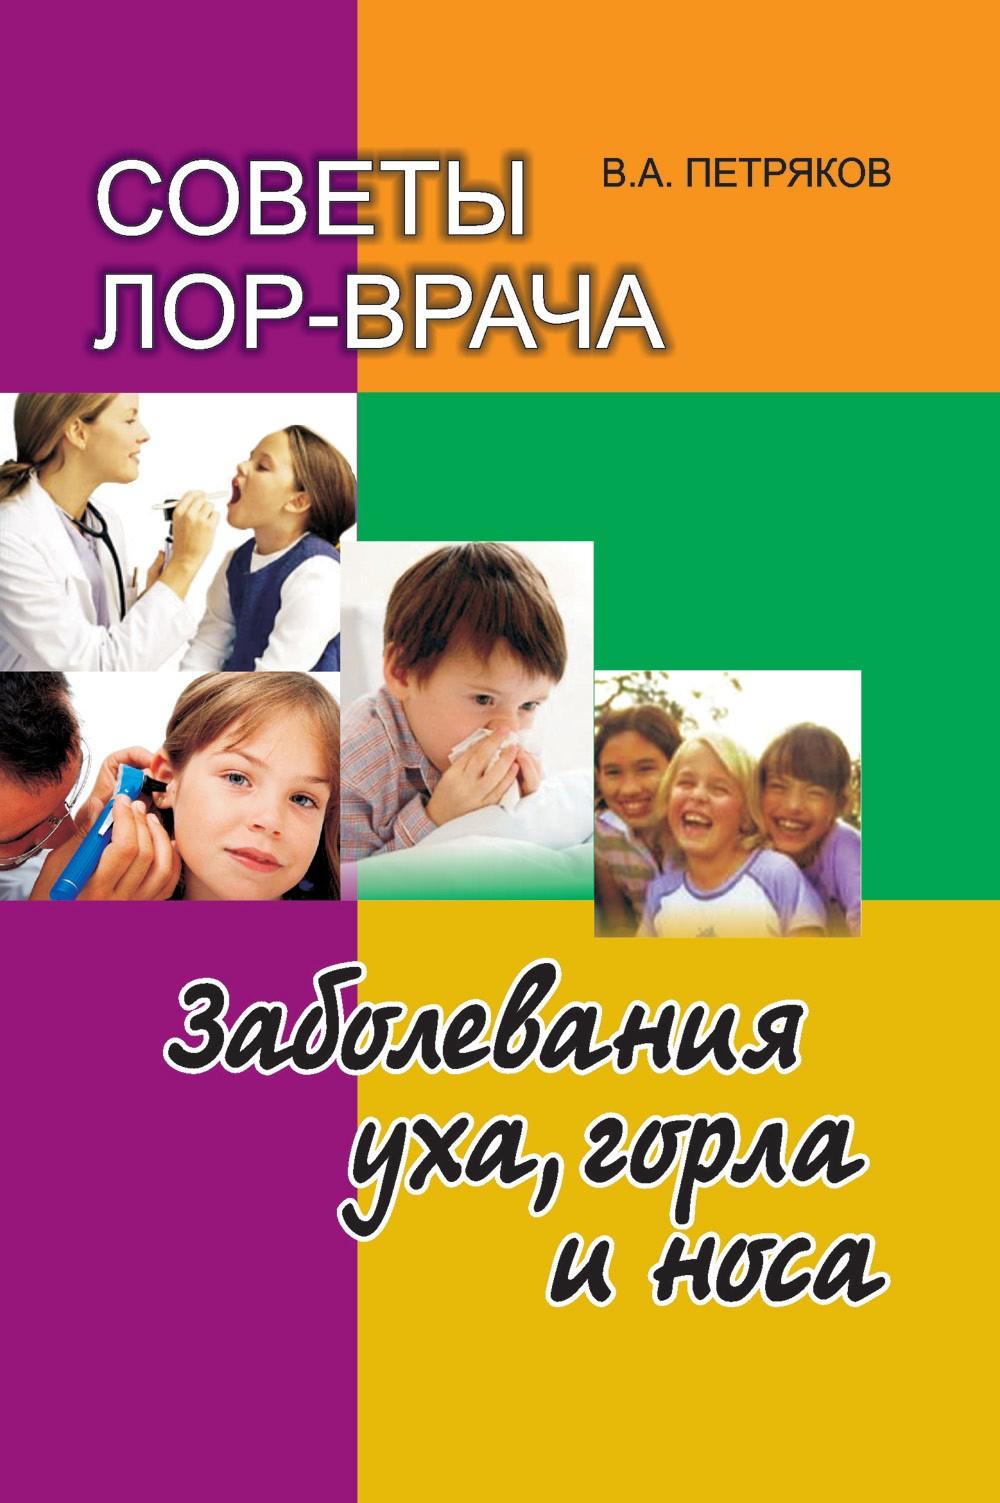 В. А. Петряков Советы лор-врача. Заболевания уха, горла и носа цены